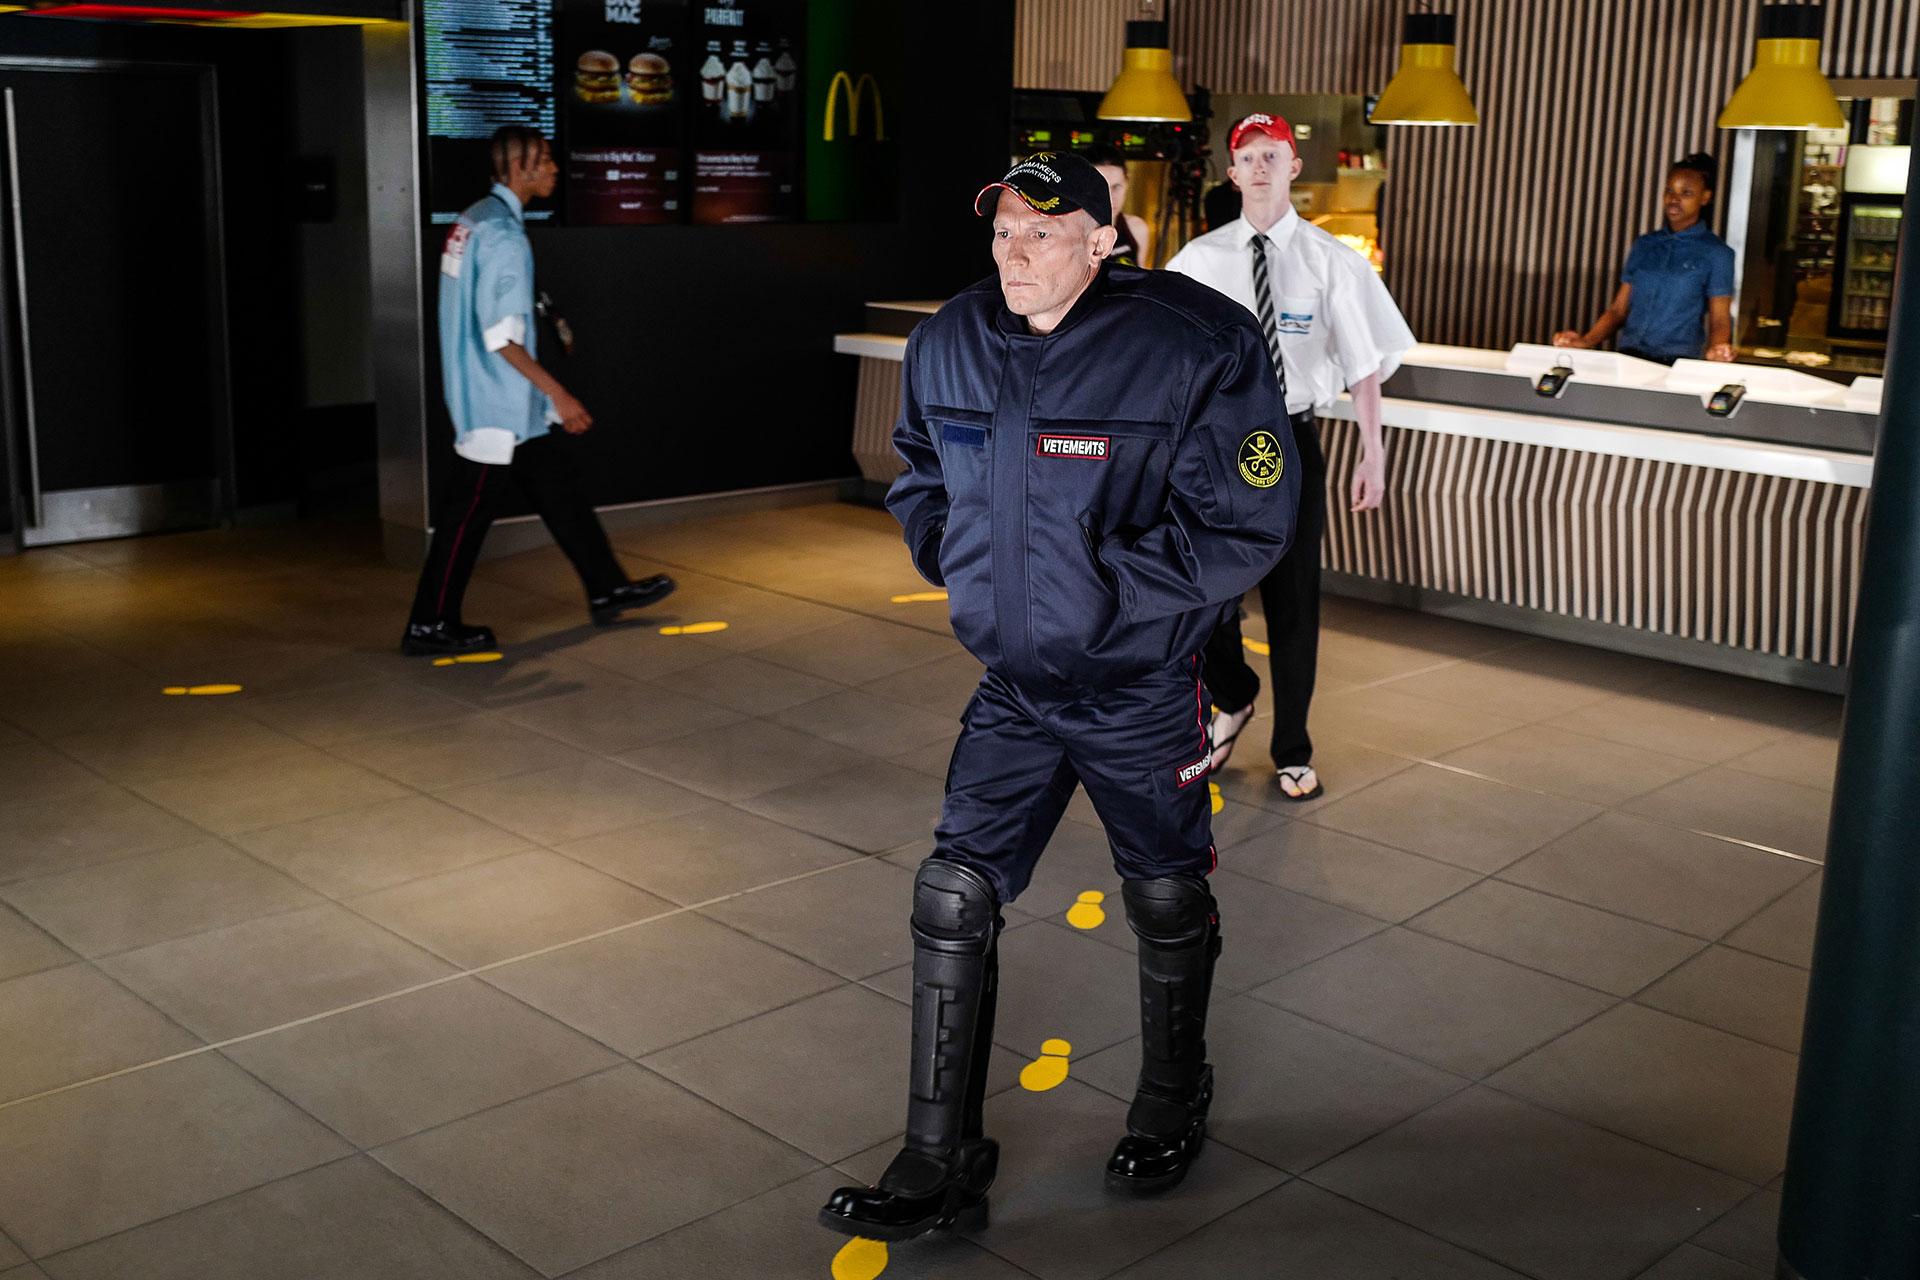 Con su propuesta de locación en una casa de comidas rápidas, Vetements, presentó su colección de hombres con sastrería, denims, conjuntos deportivos y calzado extravagante